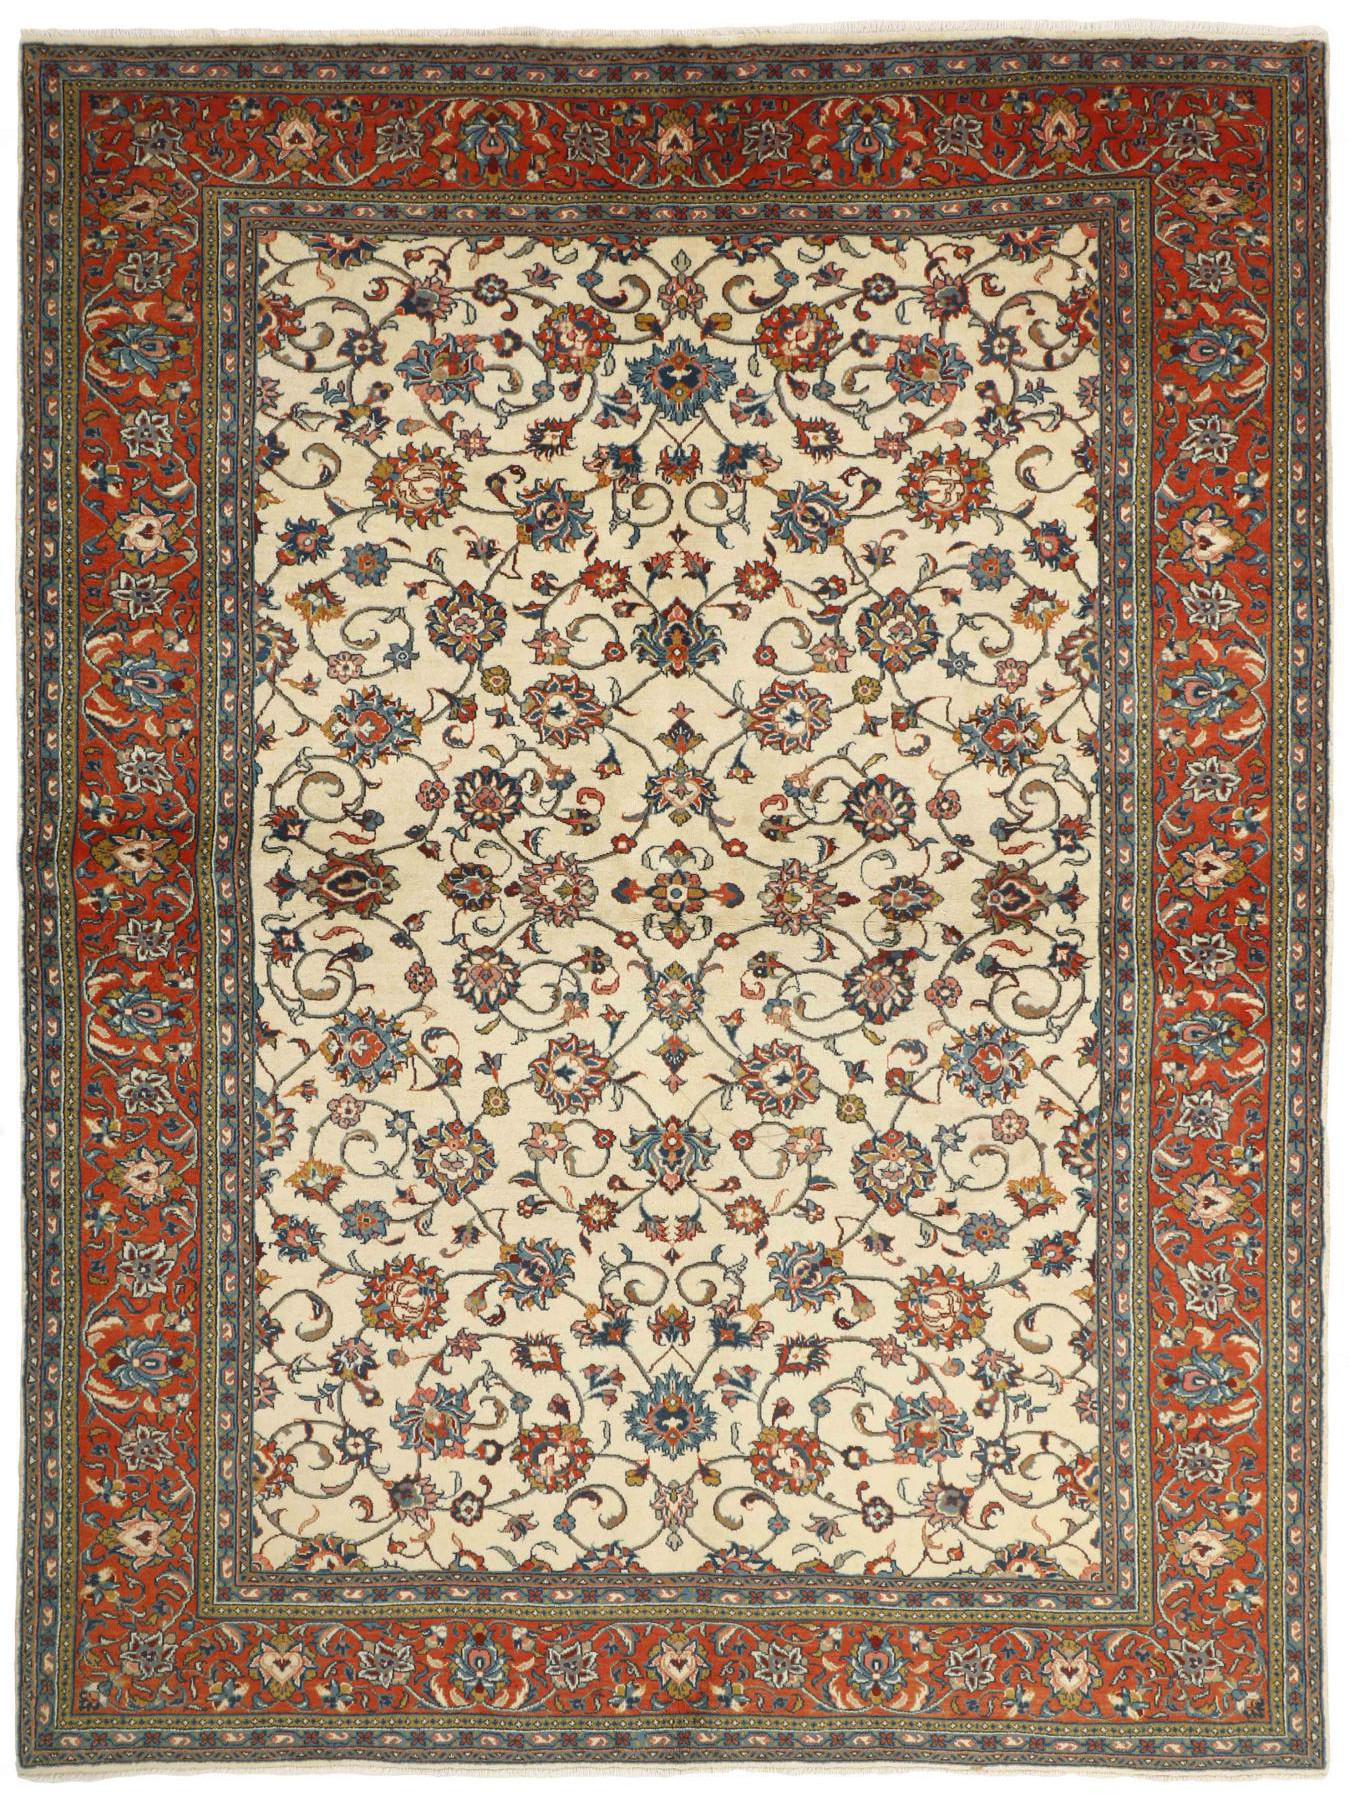 Tapis persans - Sarough